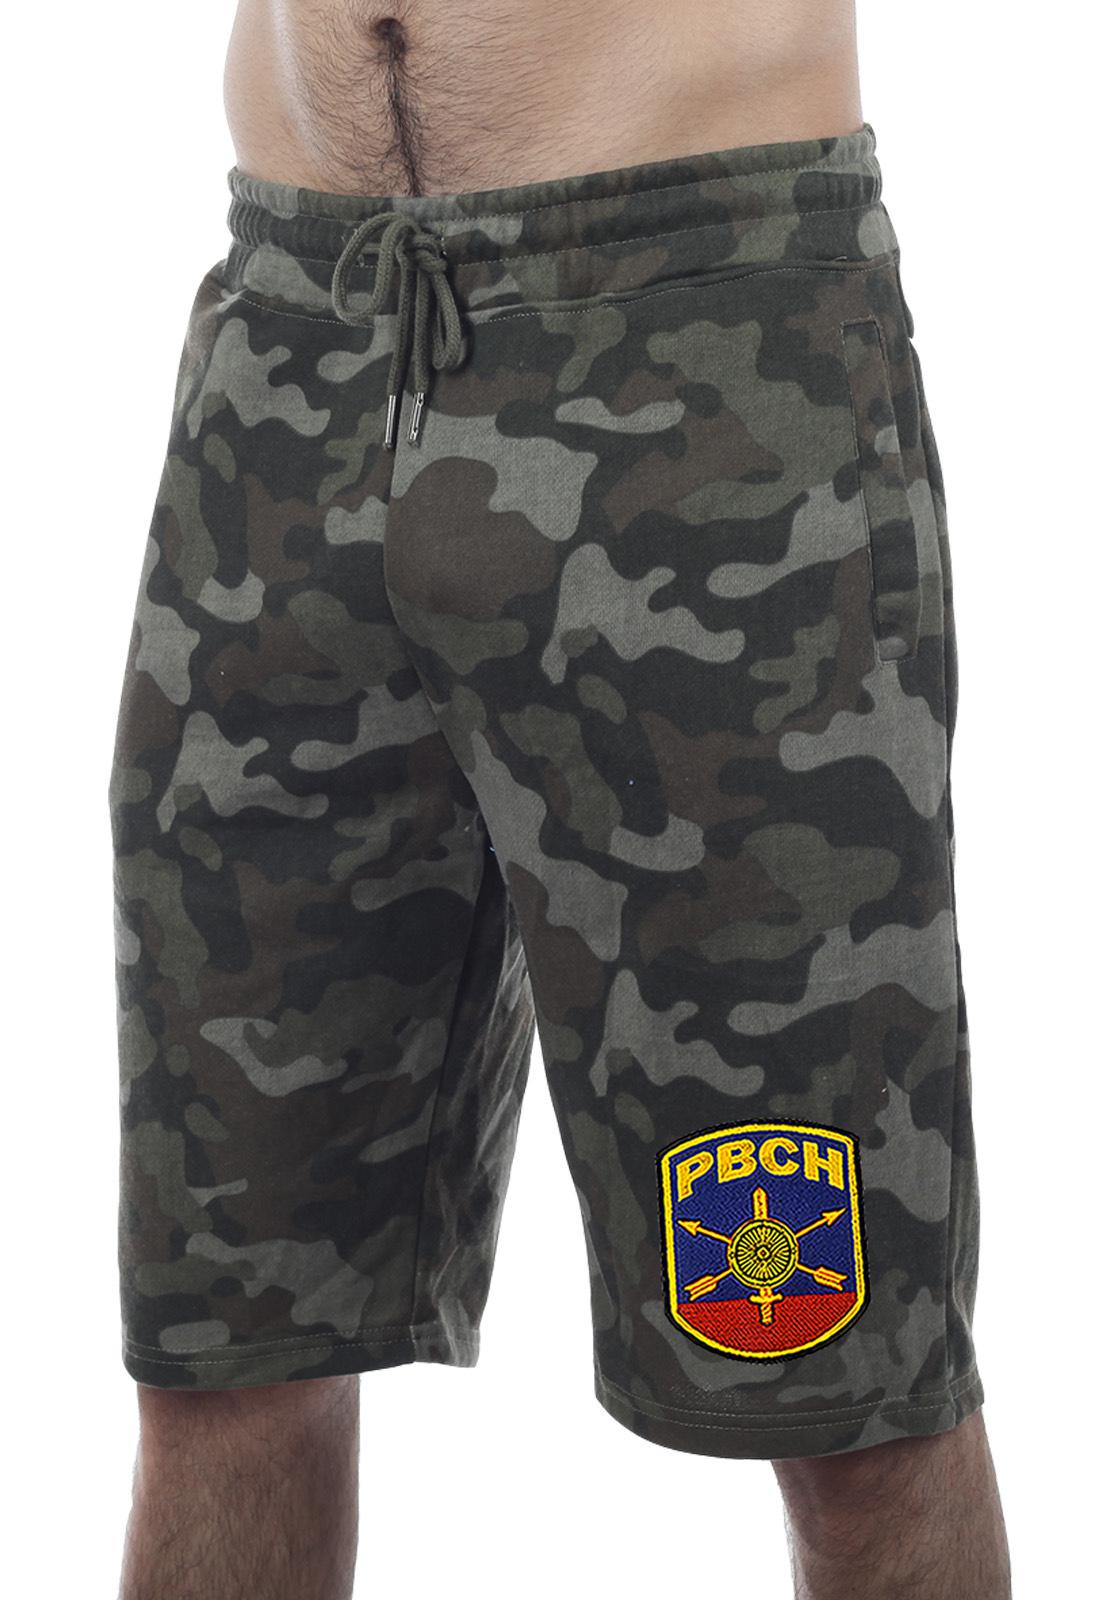 Купить армейские камуфляжные хаки-шорты с нашивкой РВСН с доставкой в ваш город